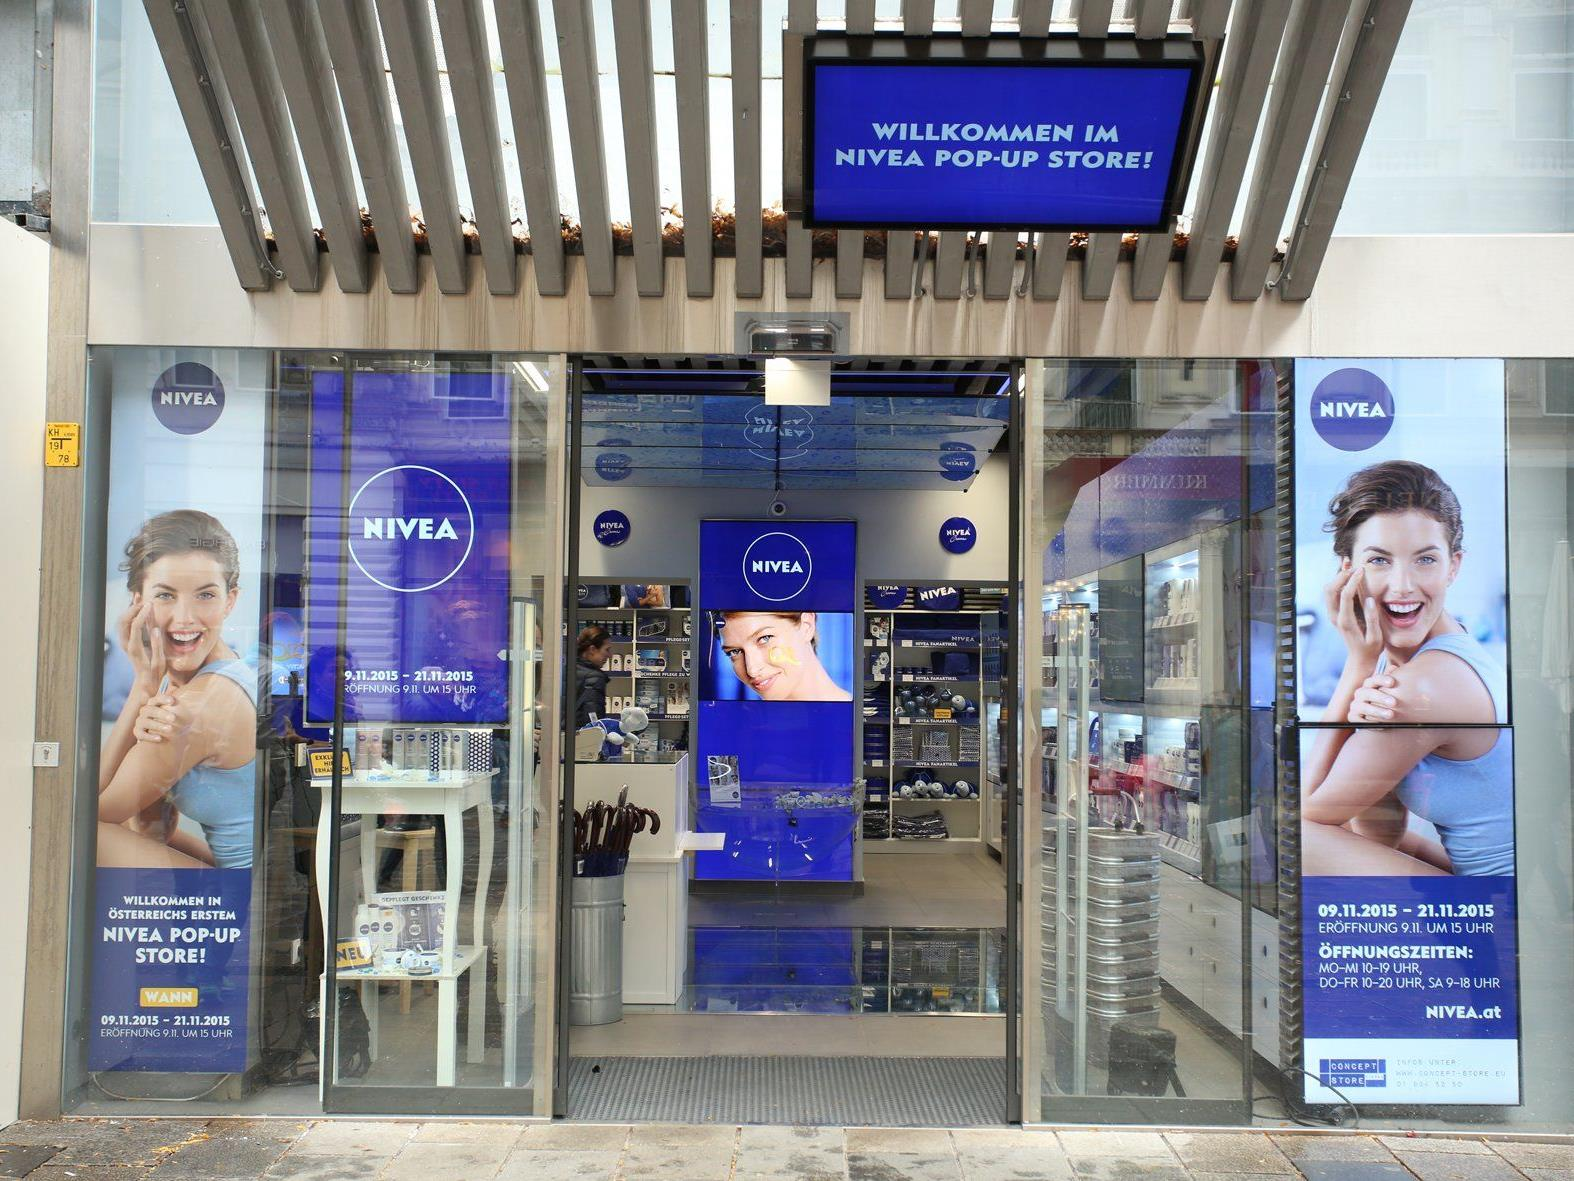 Der Nivea Pop Up-Store eröffnete auf der Mariahilfer Straße.